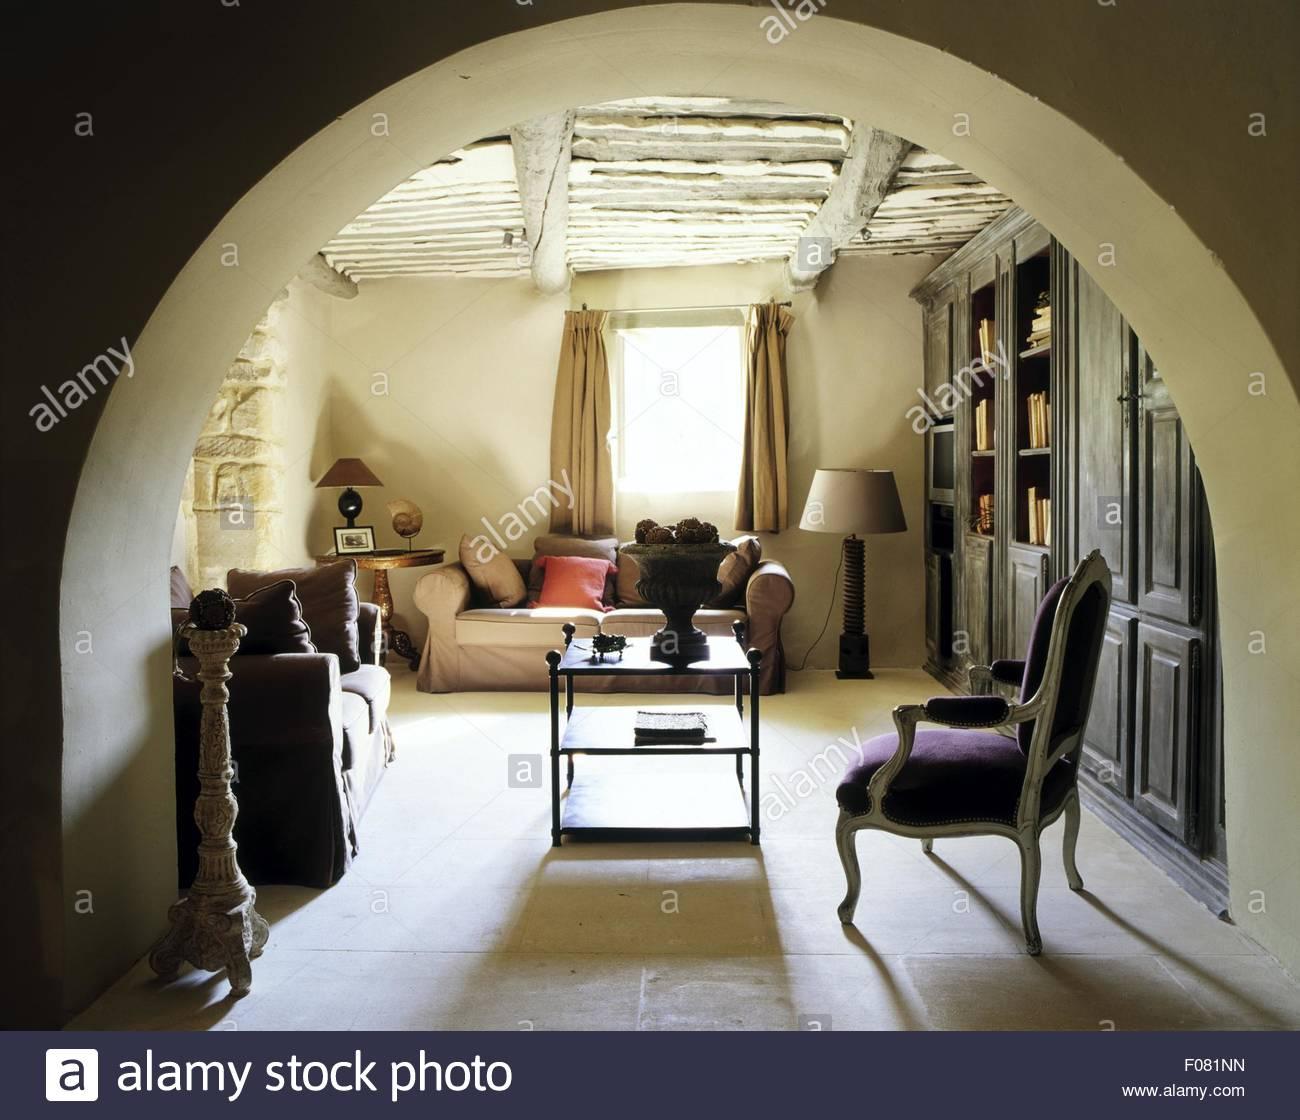 wohnzimmer mit balkendecke und sofa vor fenster provence frankreich stockfoto bild 86228849. Black Bedroom Furniture Sets. Home Design Ideas